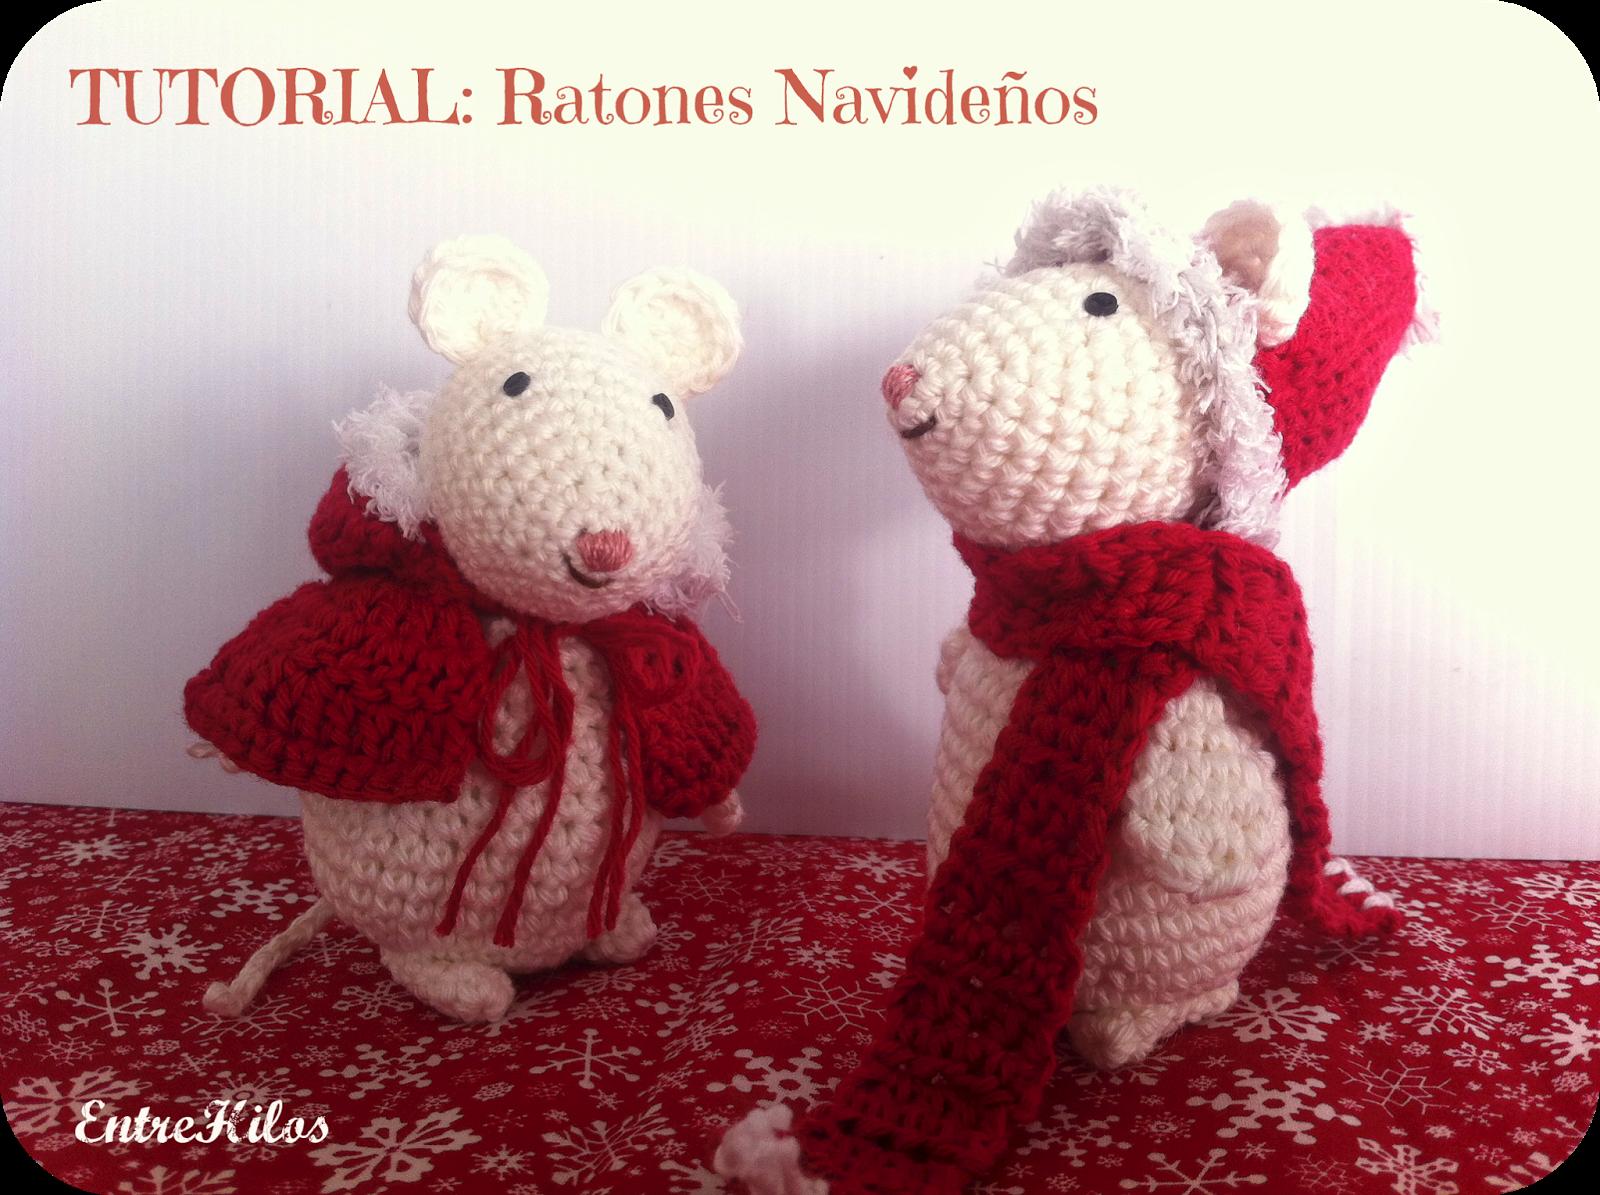 Amigurumi Navidad Nacimiento : Tutorial como hacer ratoncitos amigurumis navideños a crochet